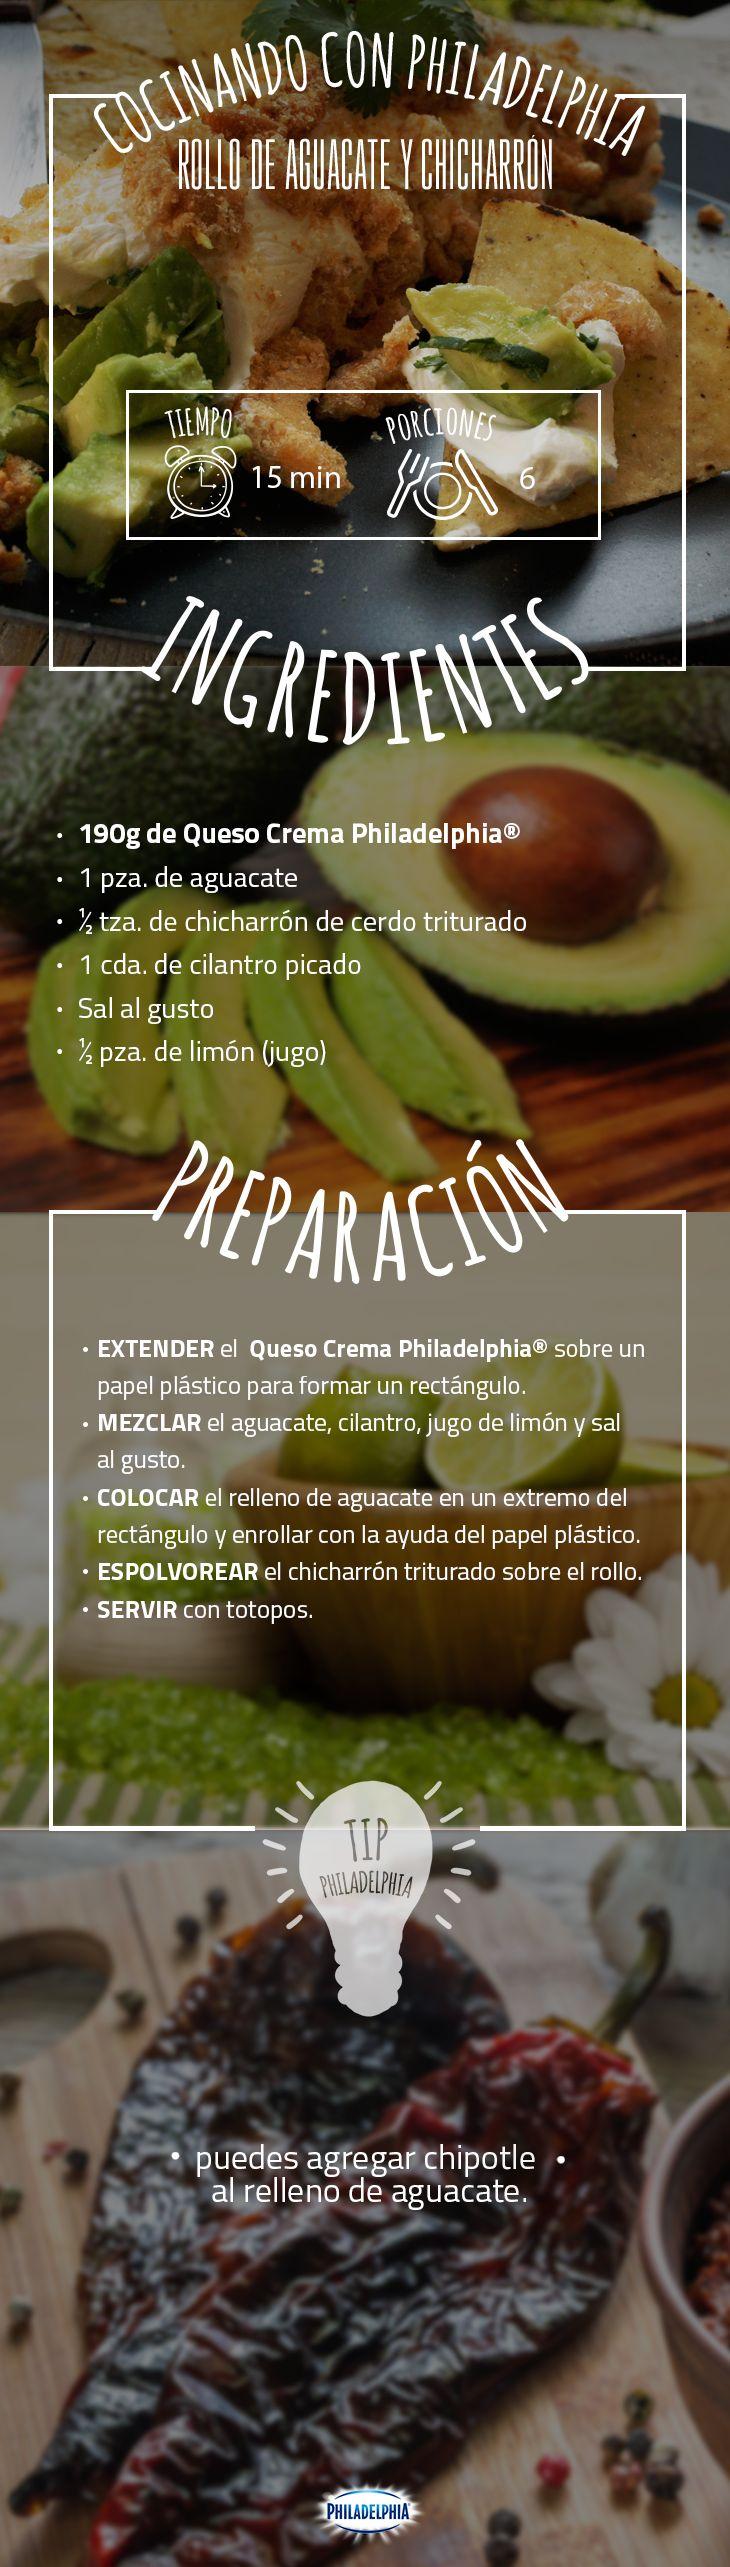 Ya es mitad de semana y toca disfrutar esta deliciosa receta con todos en casa.  #recetas #quesophiladelphia  #philadelphia  #chicharrón #aguacate #rollos #comida